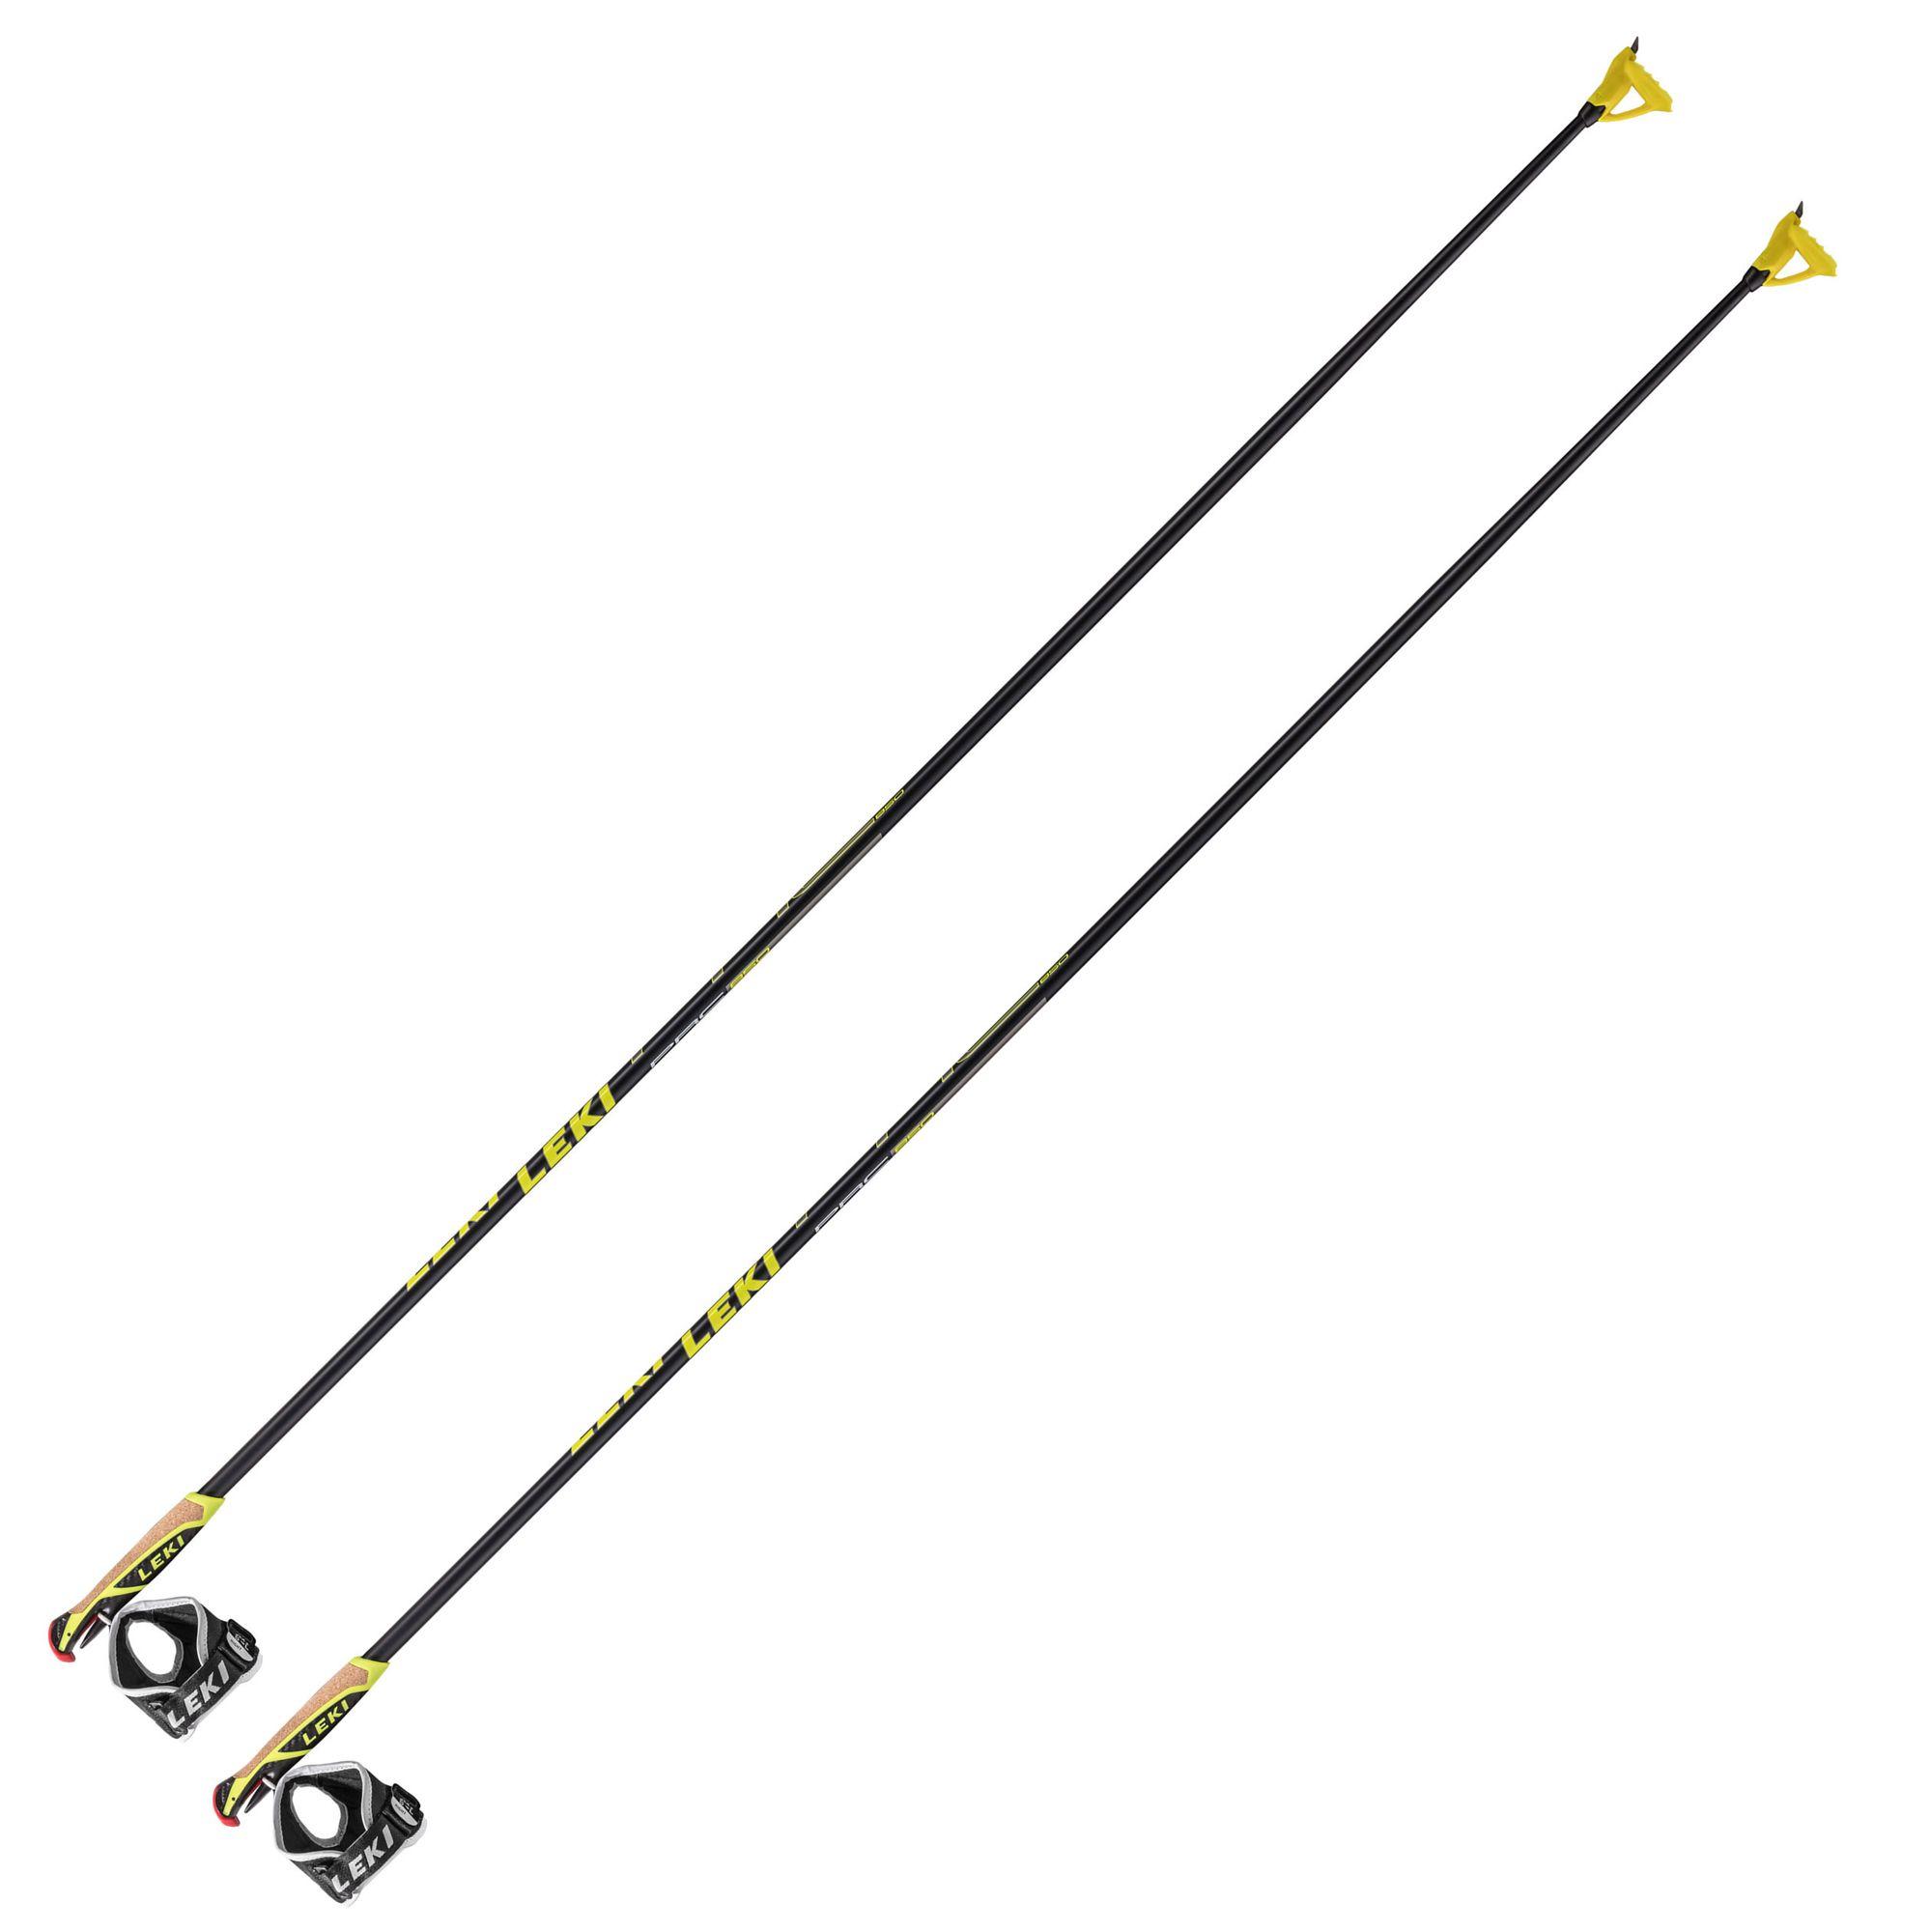 Leki PRC 700 Langlauf Skistöcke